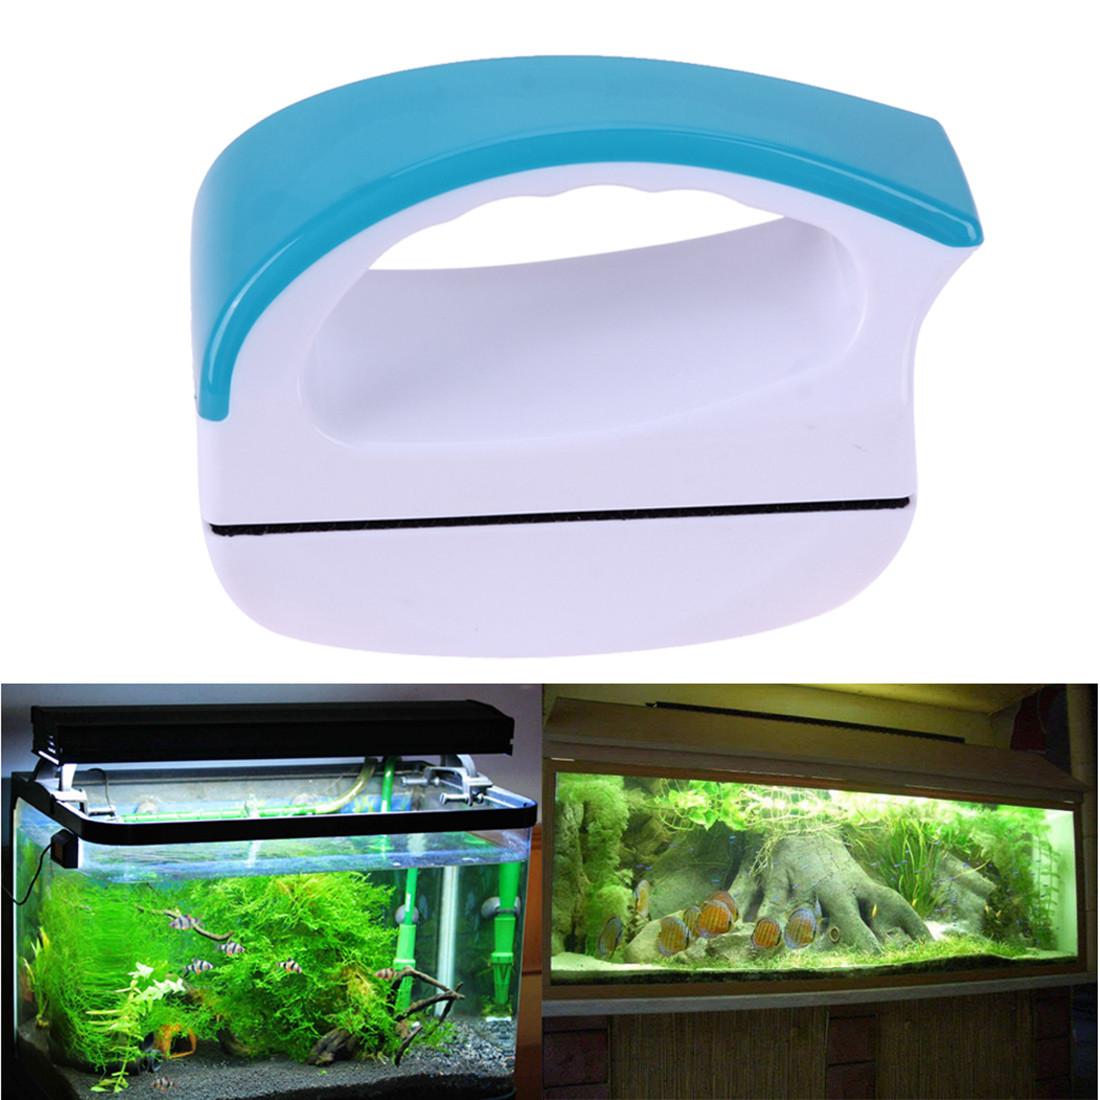 Магнитная щетка, скребок, очиститель для чистки стекла аквариума